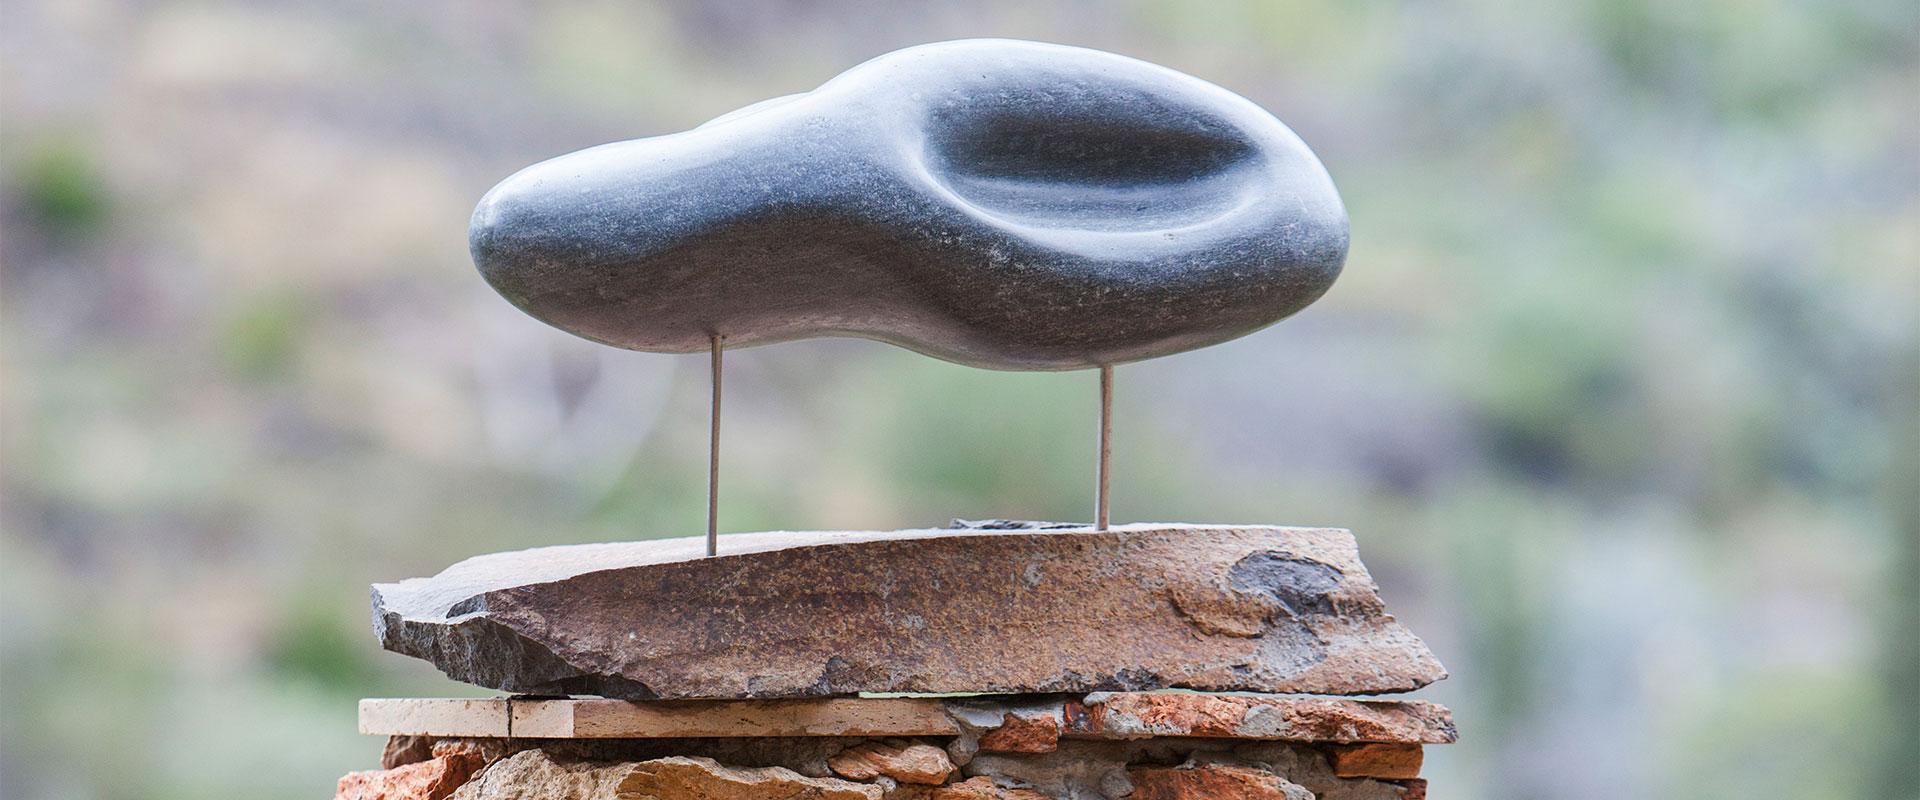 Objekt mit Stein